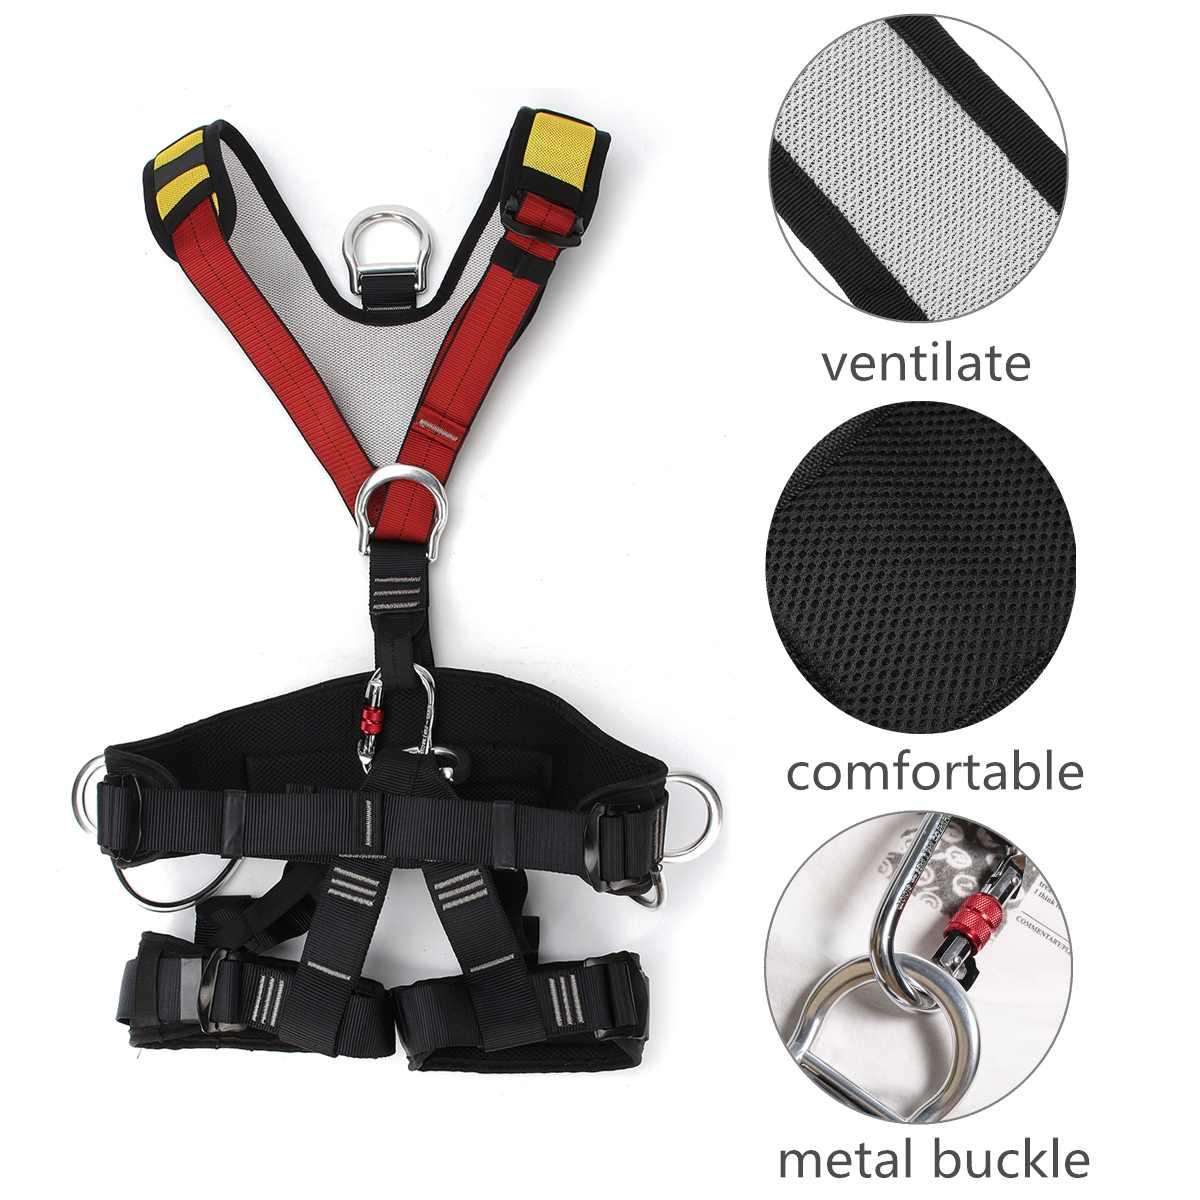 Harnais professionnel de qualité escalade haute altitude protection ceinture de sécurité complète Anti-chute équipement de protection